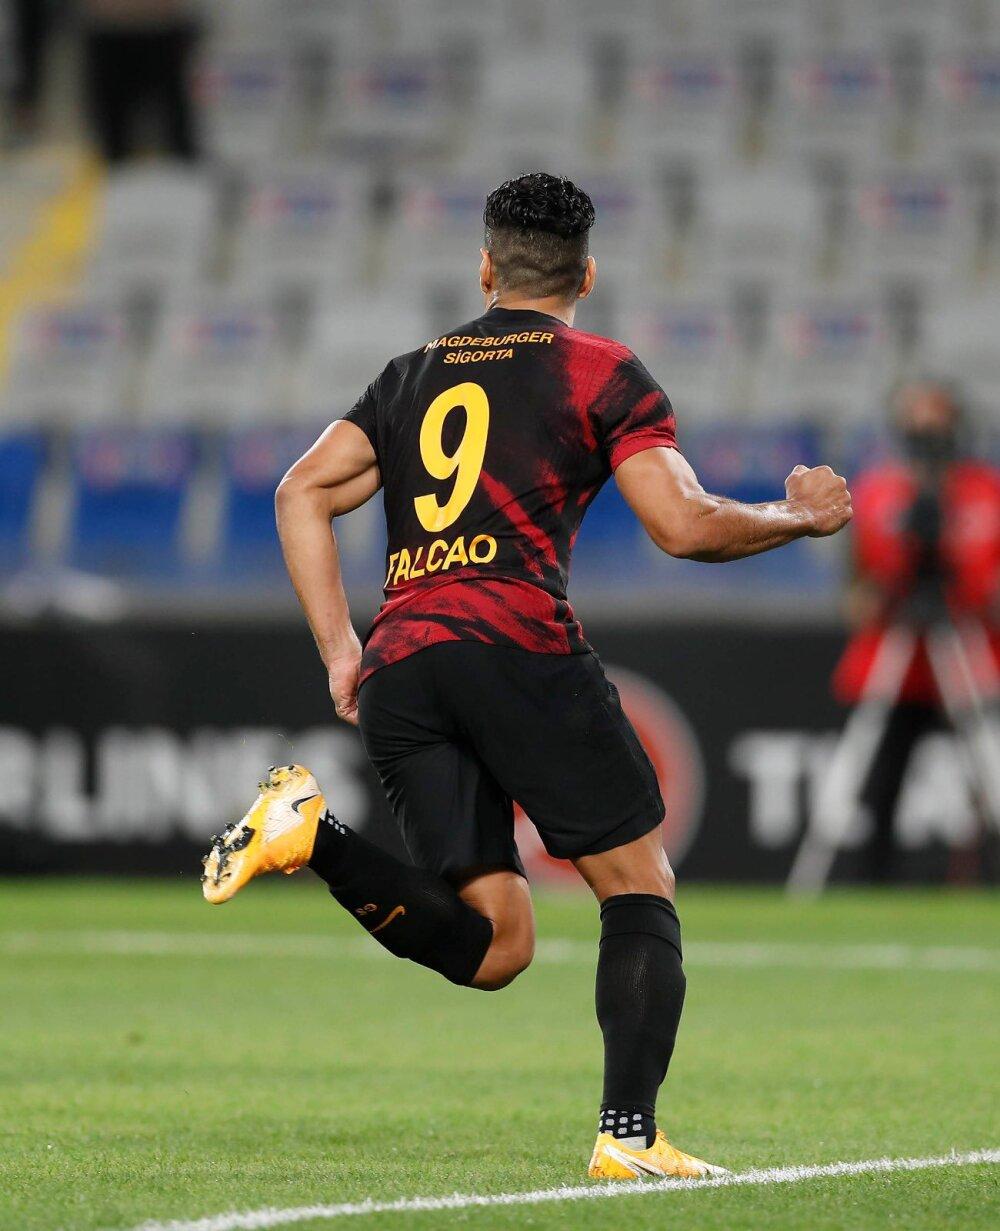 Falcao : Twitter @GalatasaraySK.jpeg